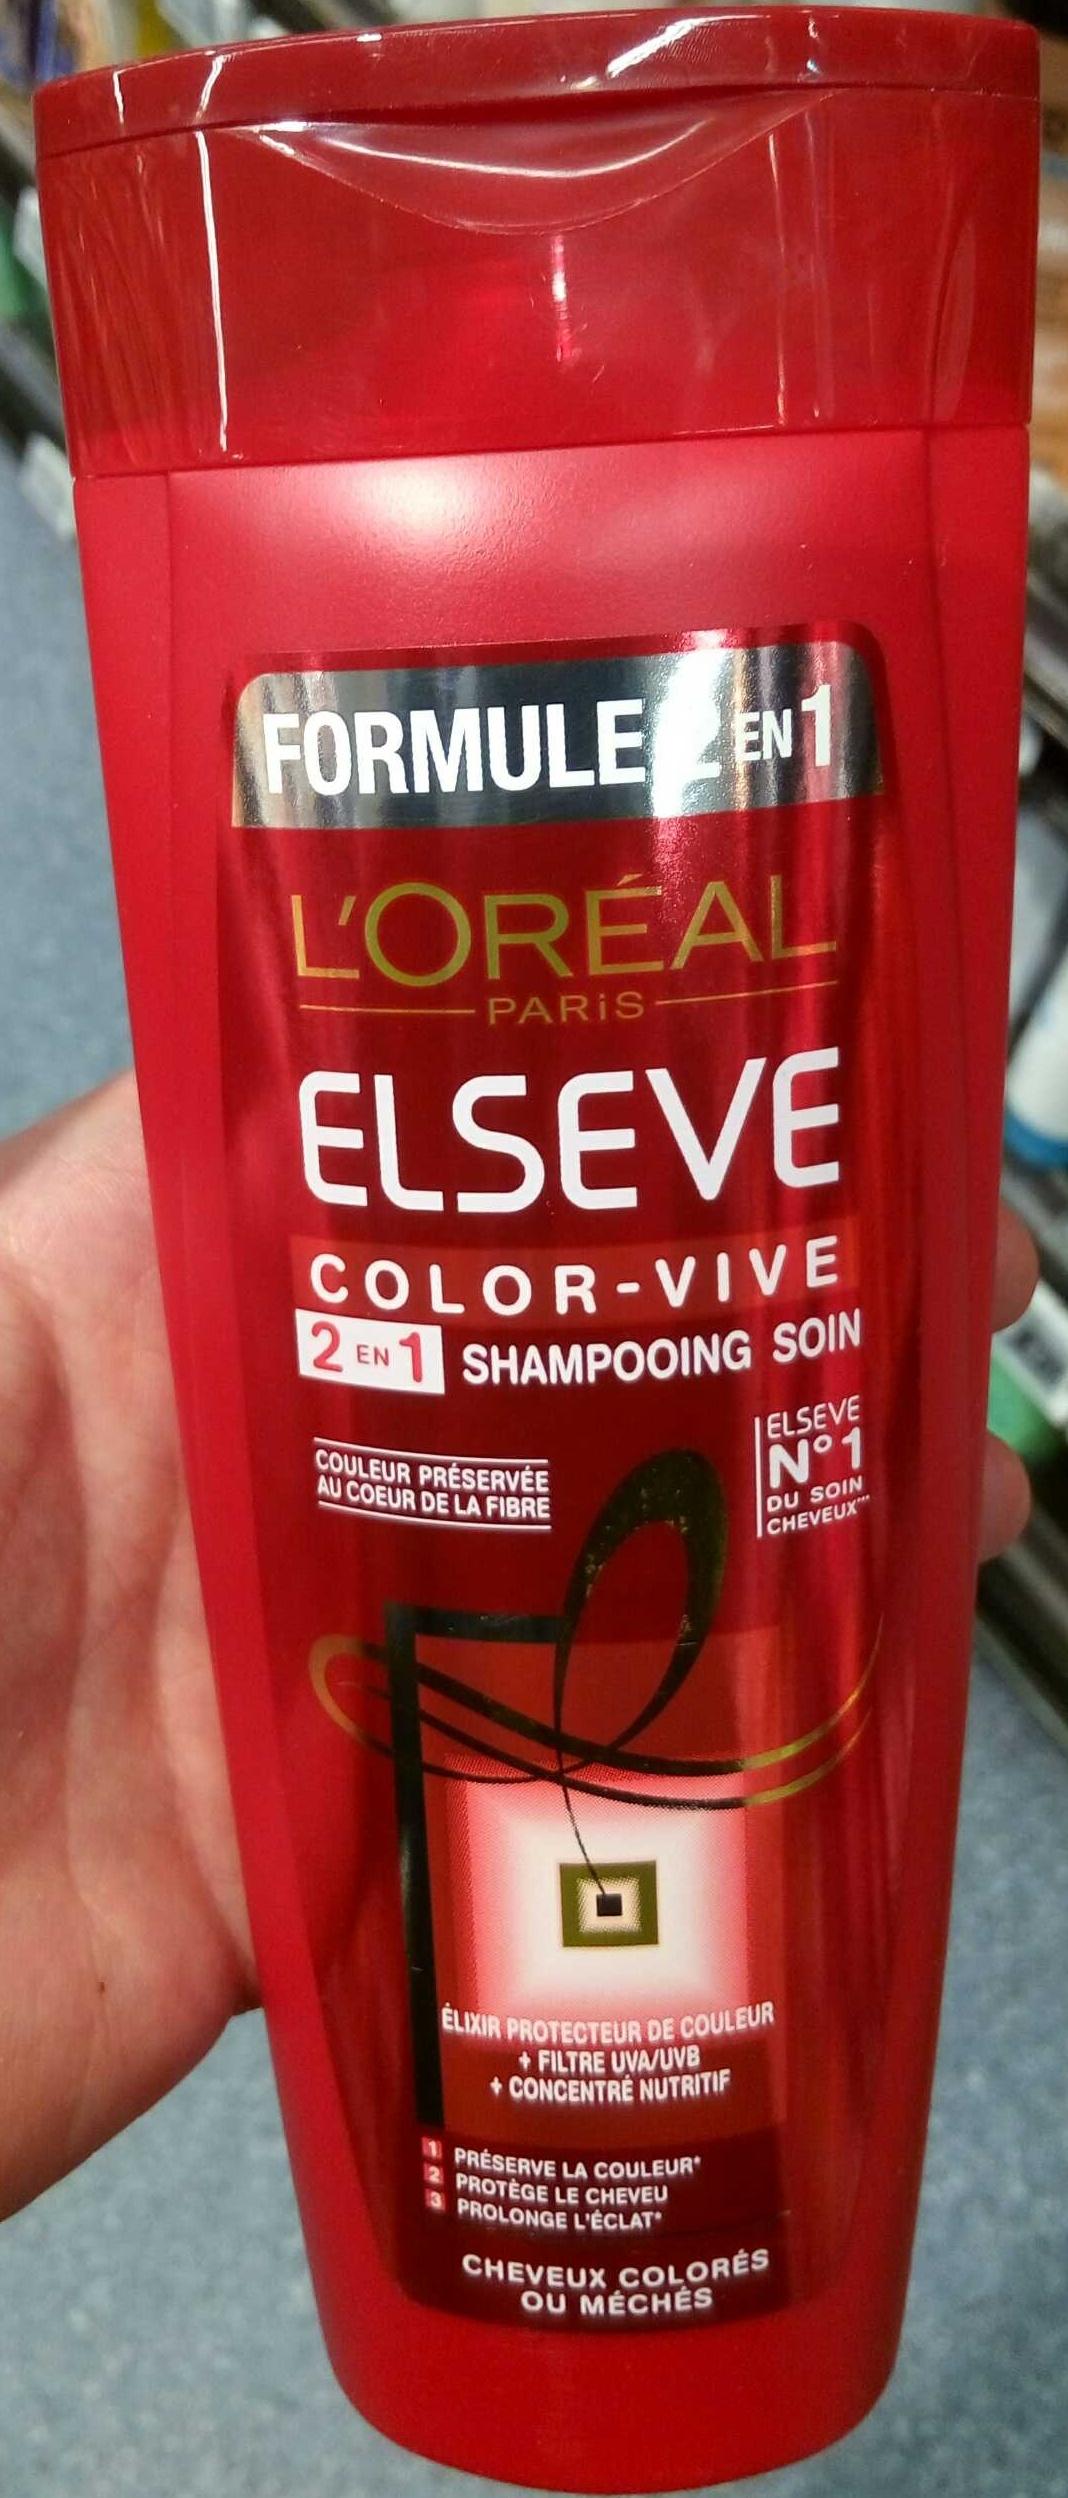 Formule 2 en 1 Elseve Color-Vive Shampooing soin - Produit - fr